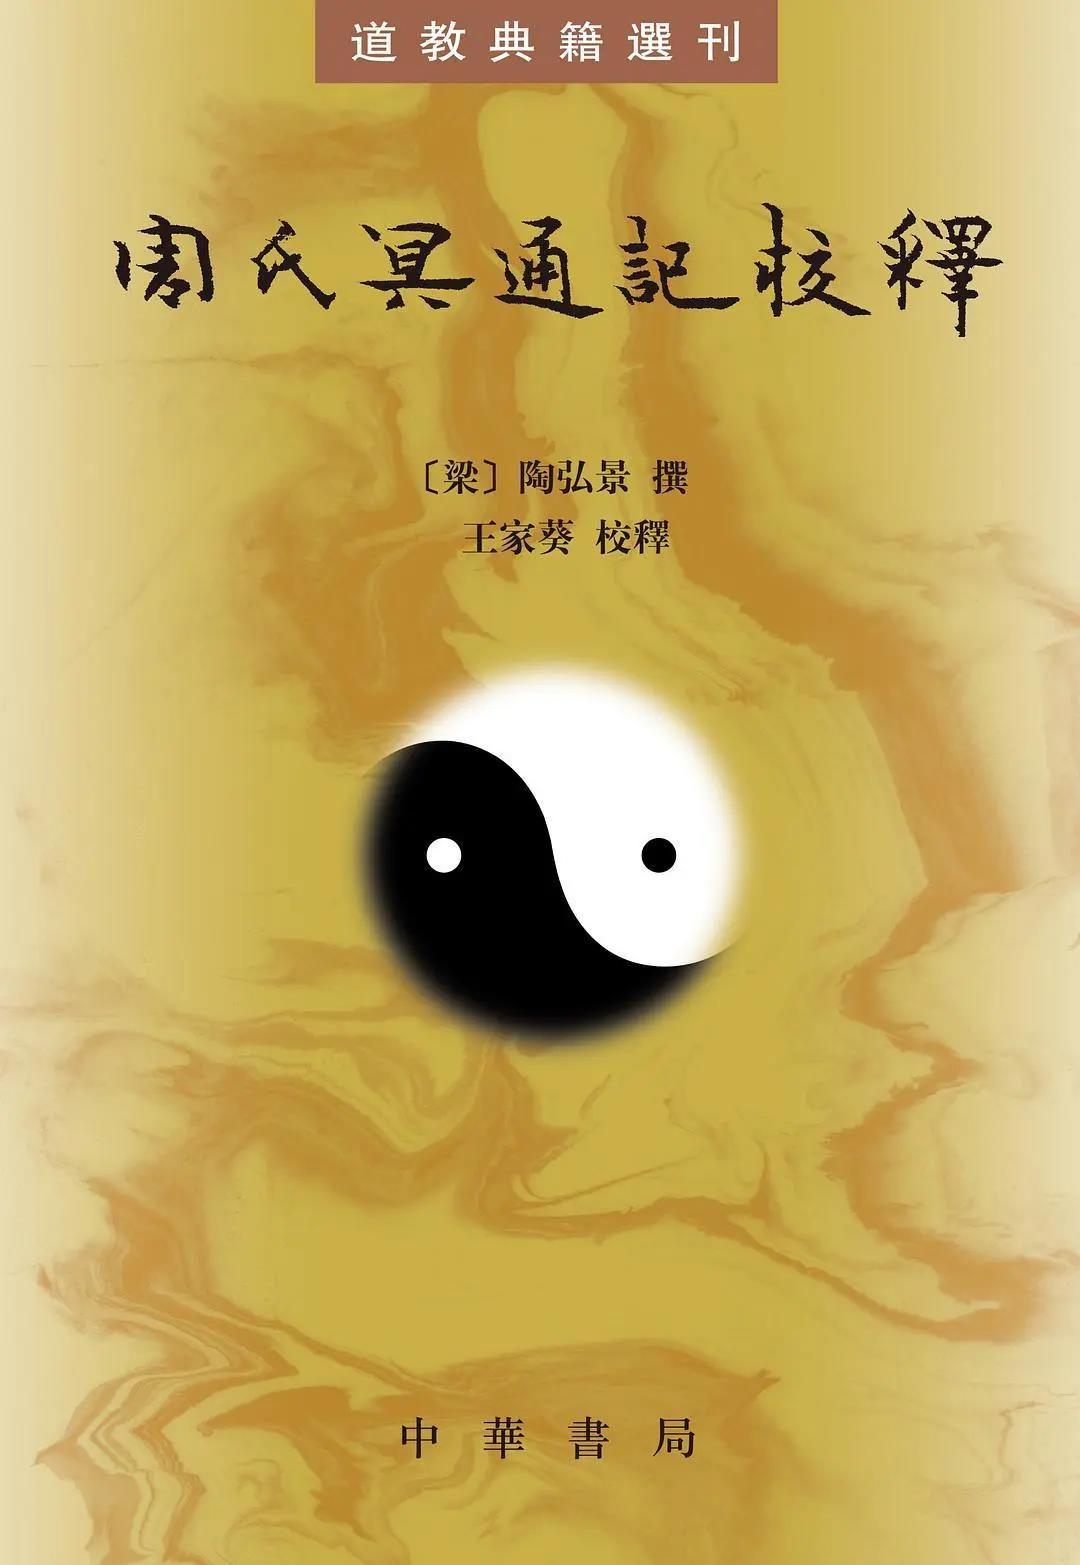 新书推介:王家葵校释《周氏冥通记校释》